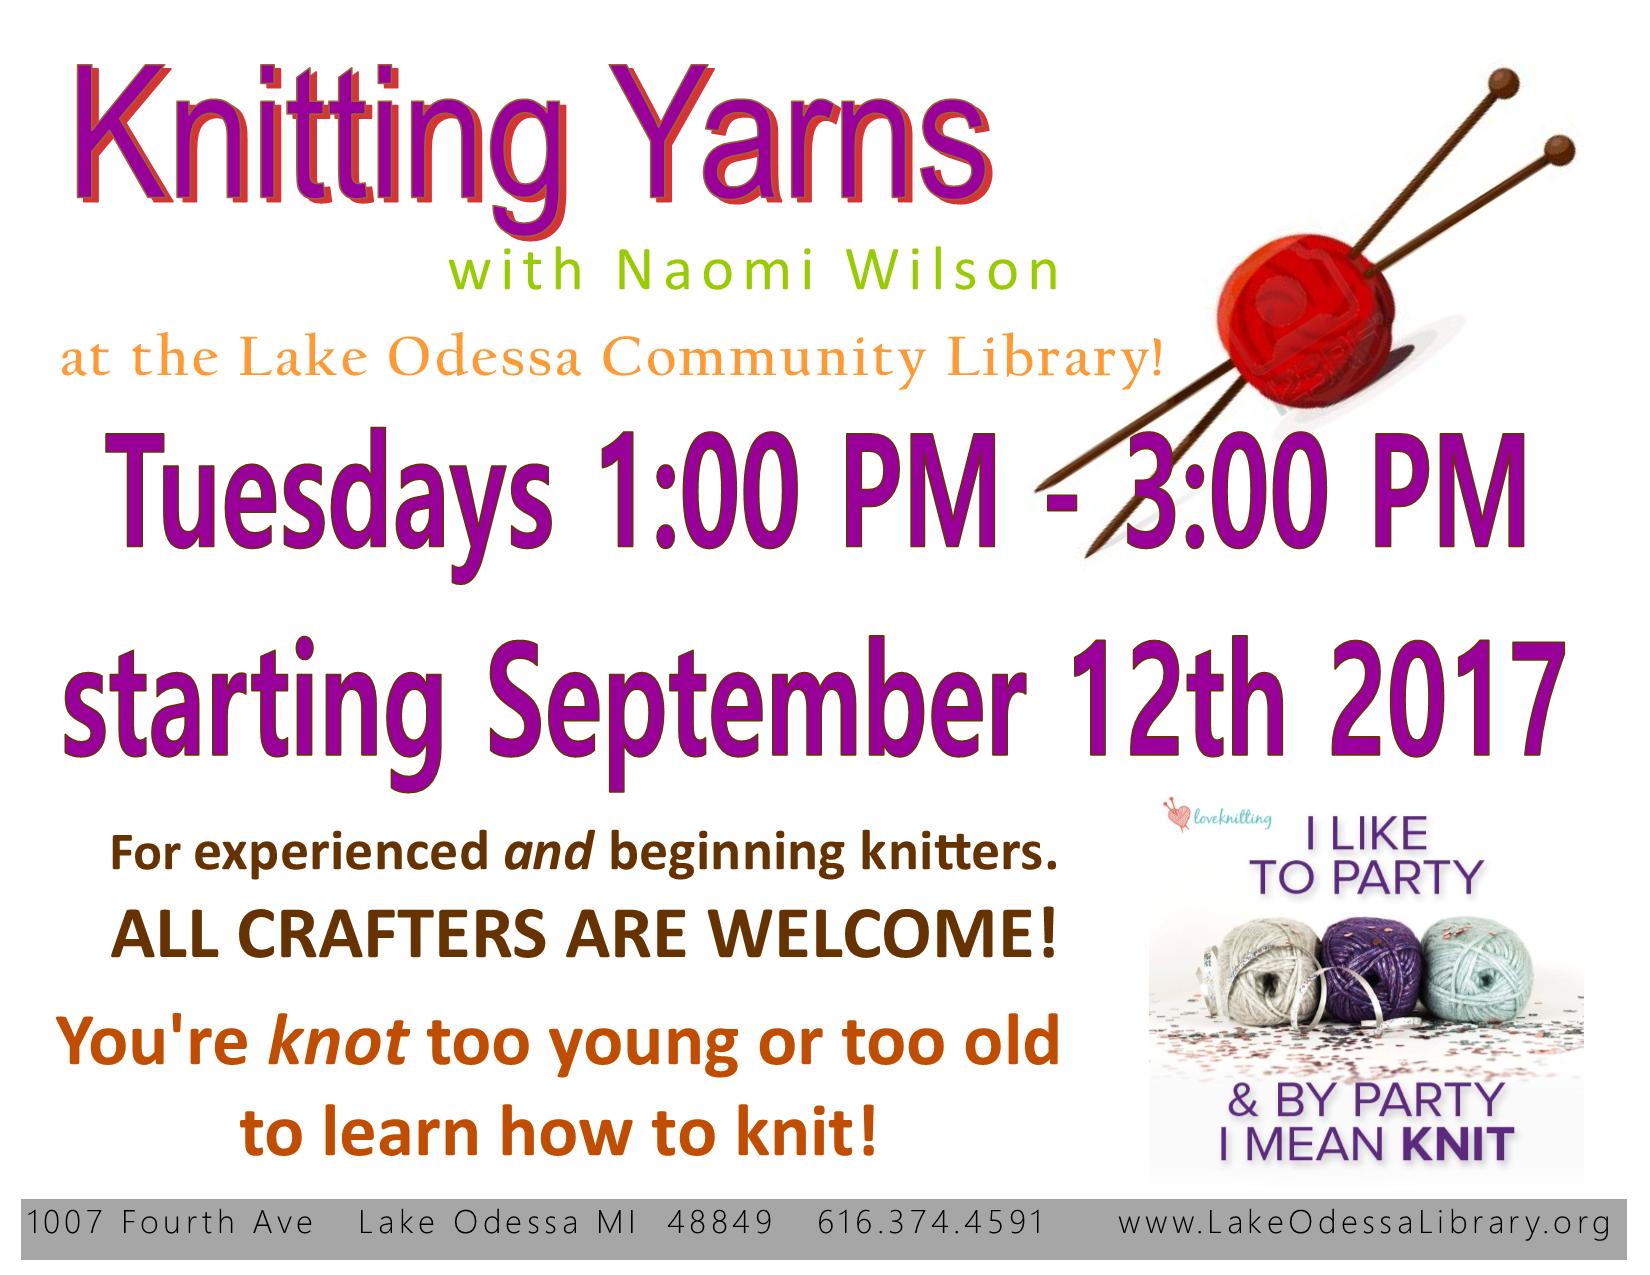 knittingFall17.png